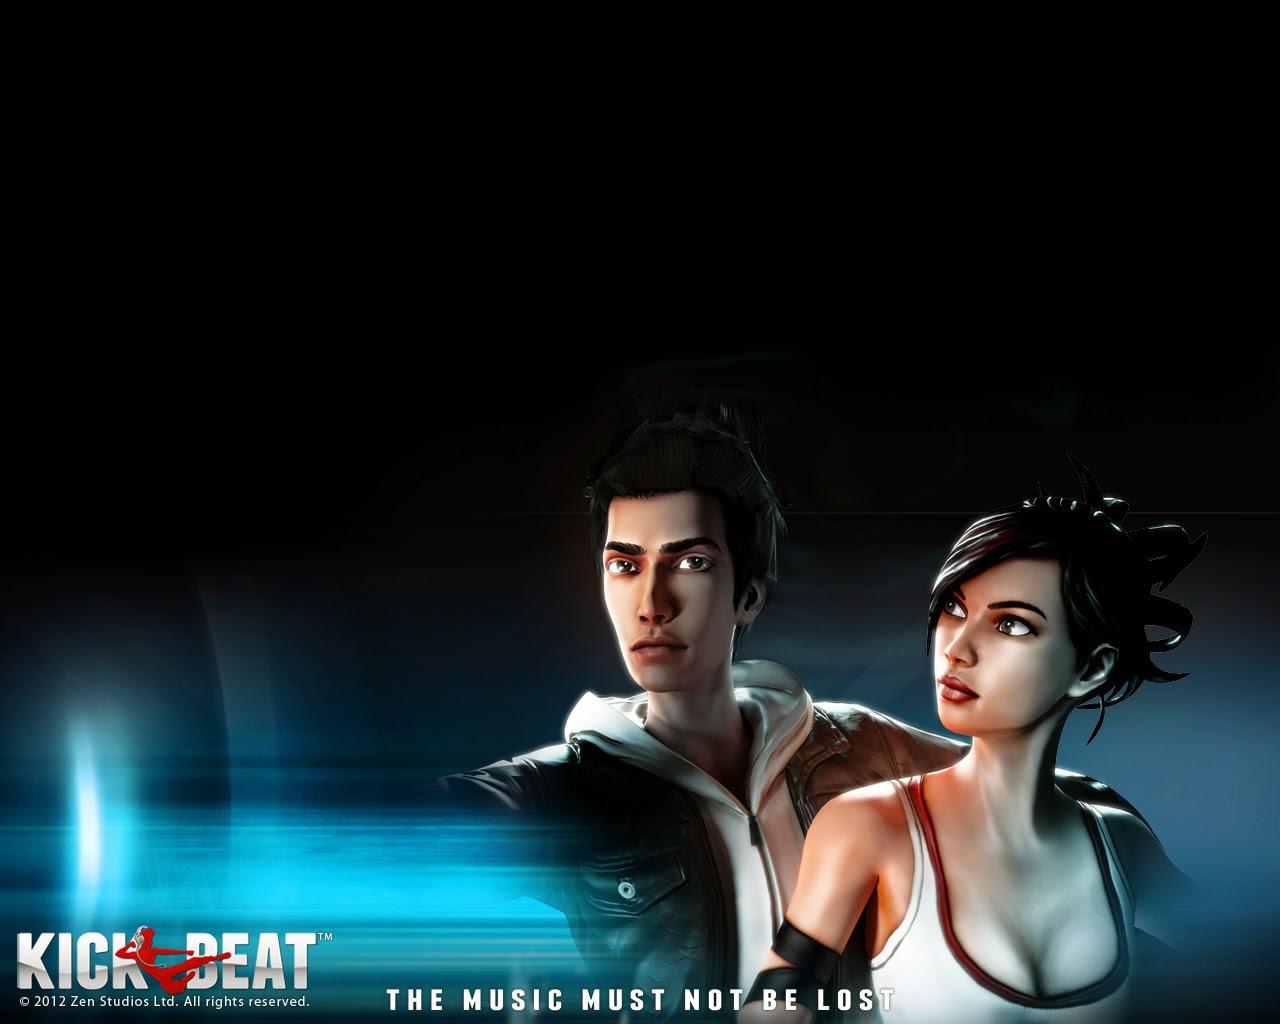 Loạt hình nền tuyệt đẹp của game âm nhạc KickBeat - Ảnh 16